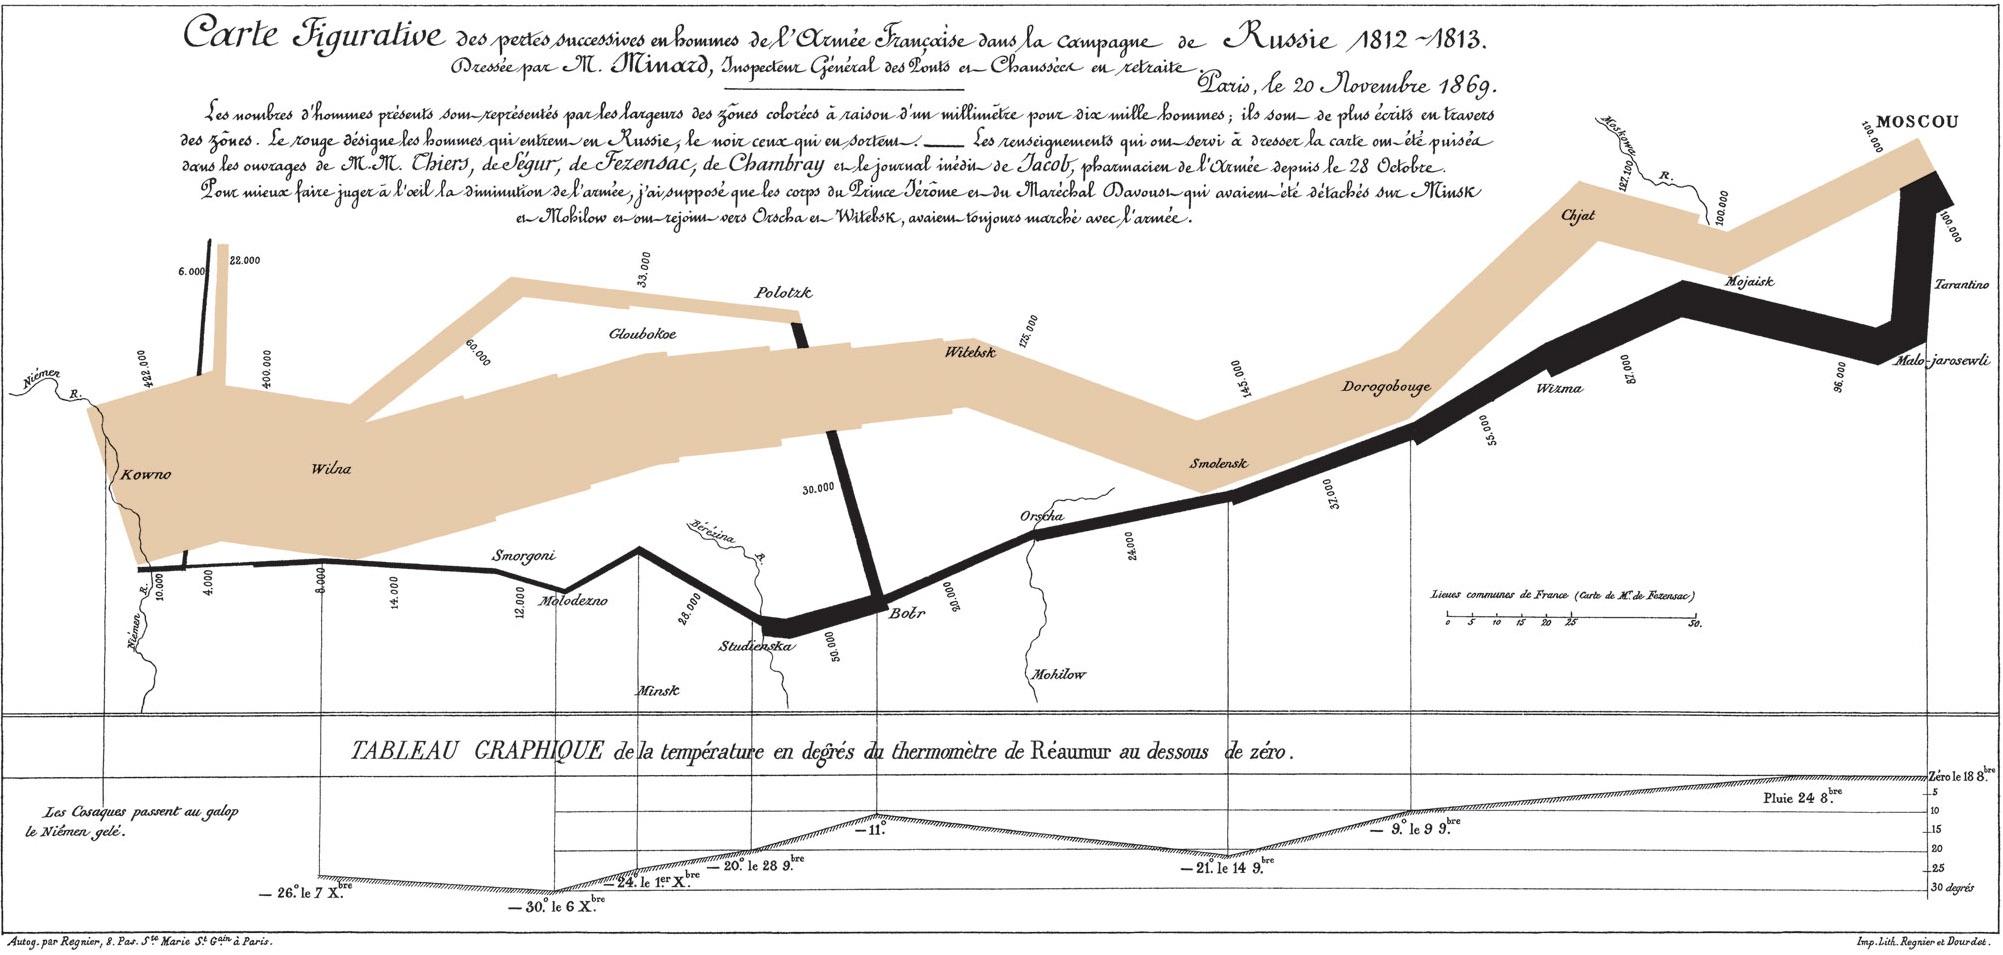 Joseph Minard map of Napoleon's Russian Campaign of 1812